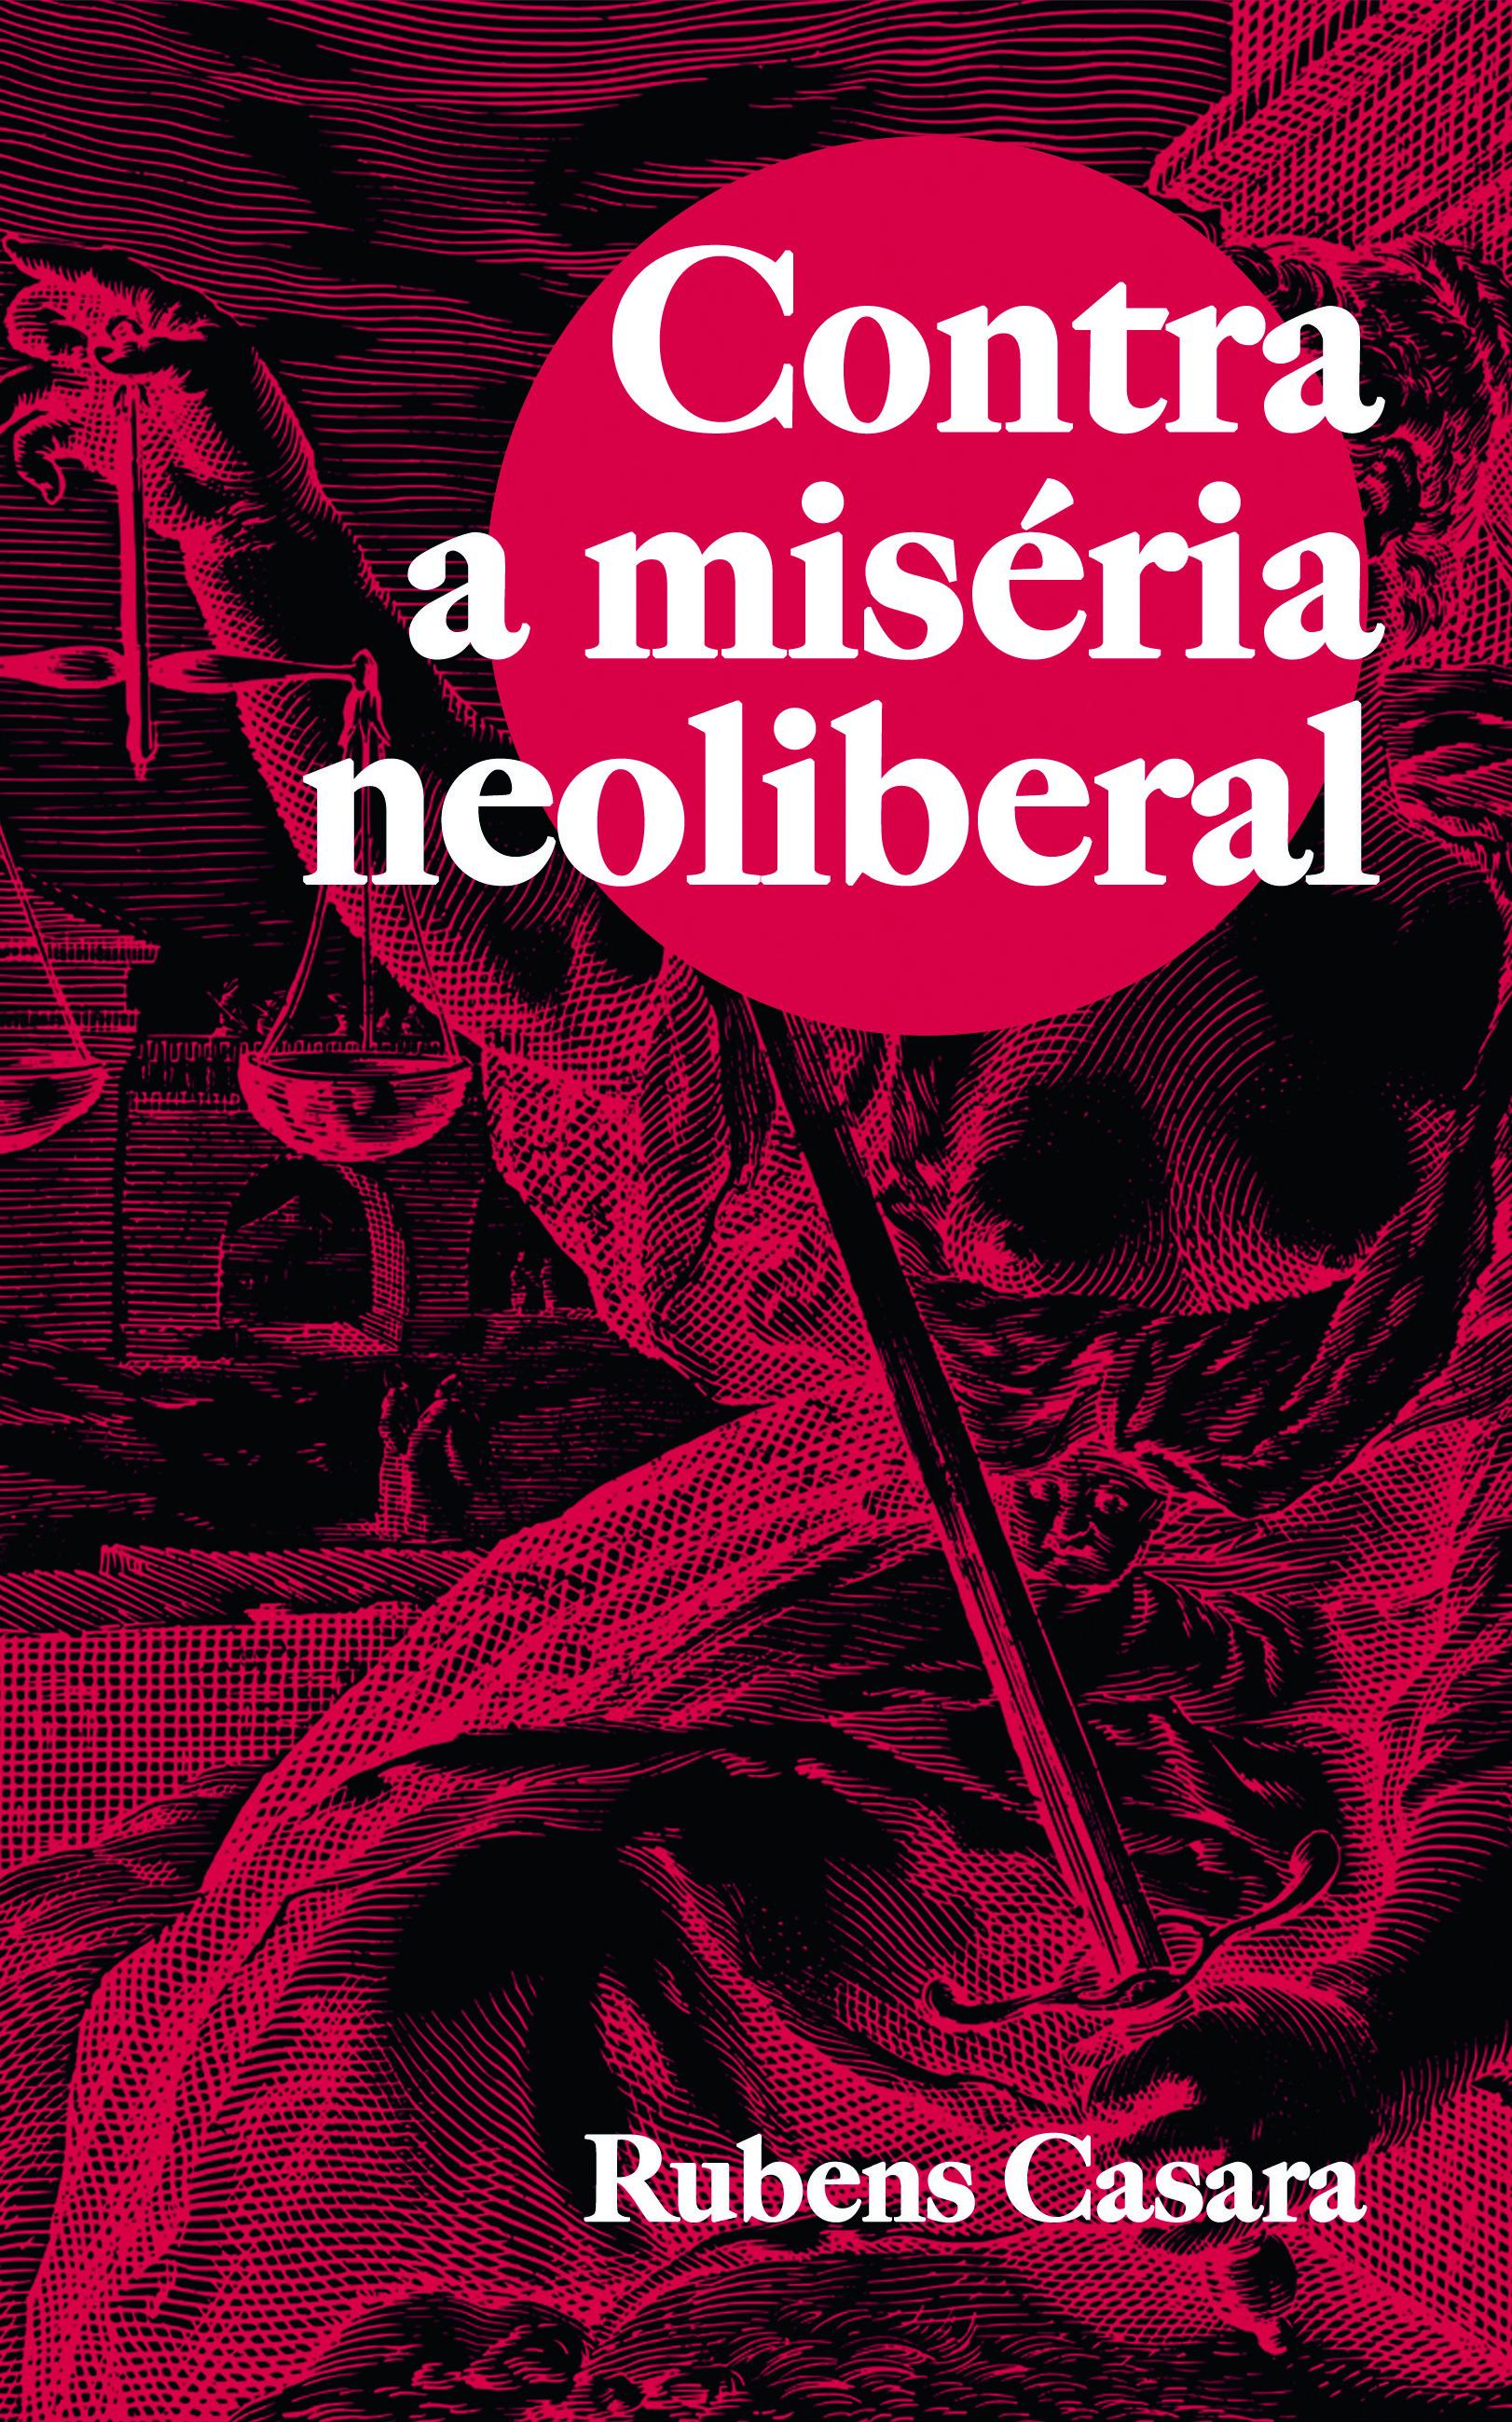 Contra a miséria neoliberal, livro de Rubens Casara, Hugo Albuquerque Cauê Ameni